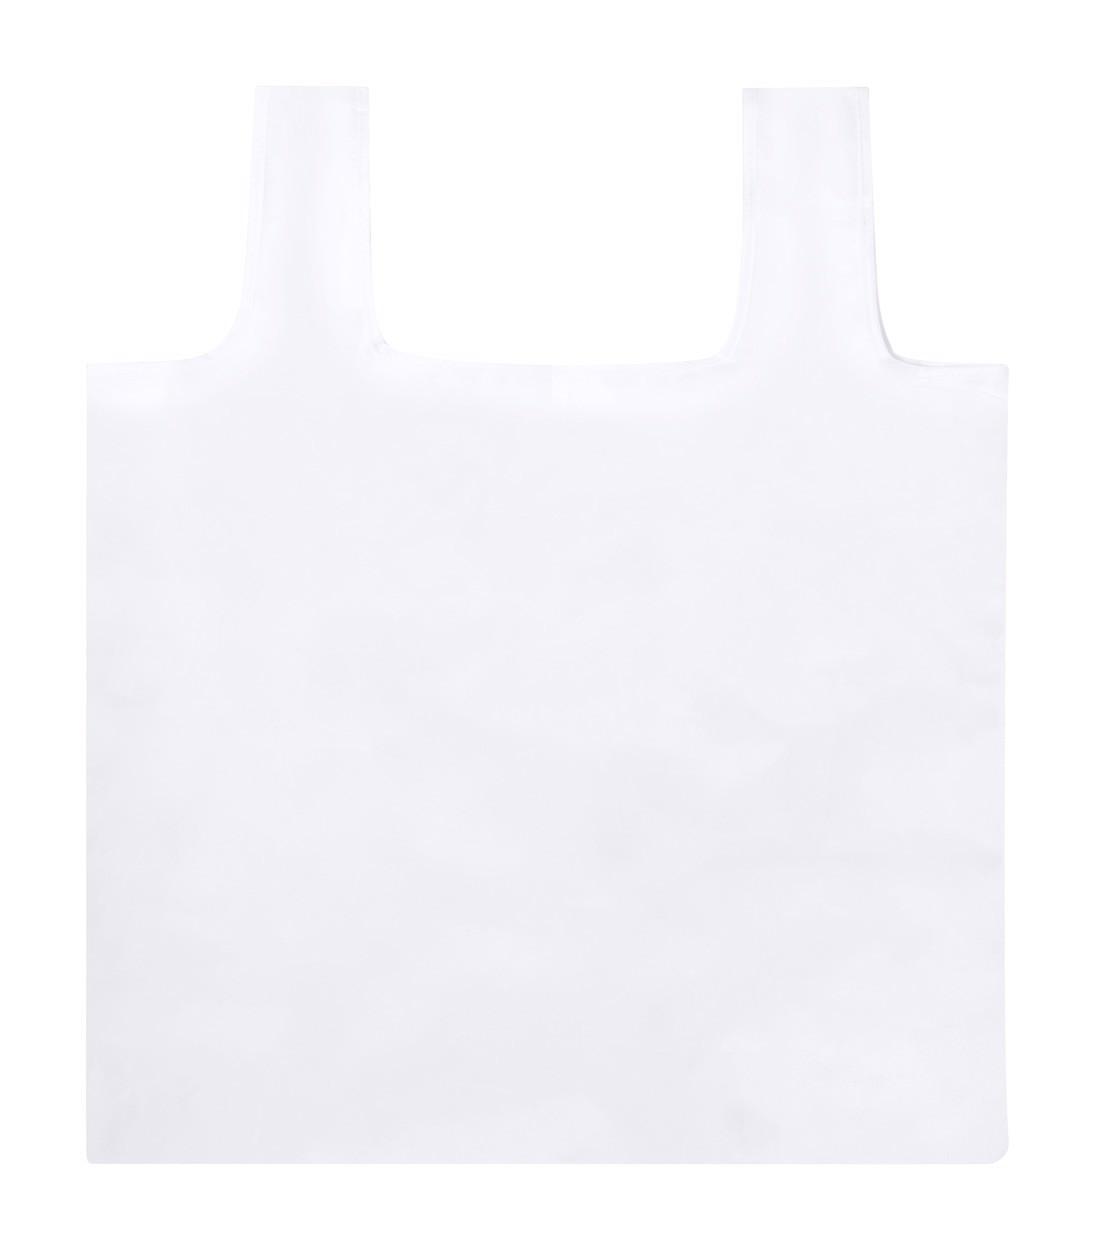 Geantă De Cumpărături Pliabilă Restun, Material Reciclat Rpet - Alb